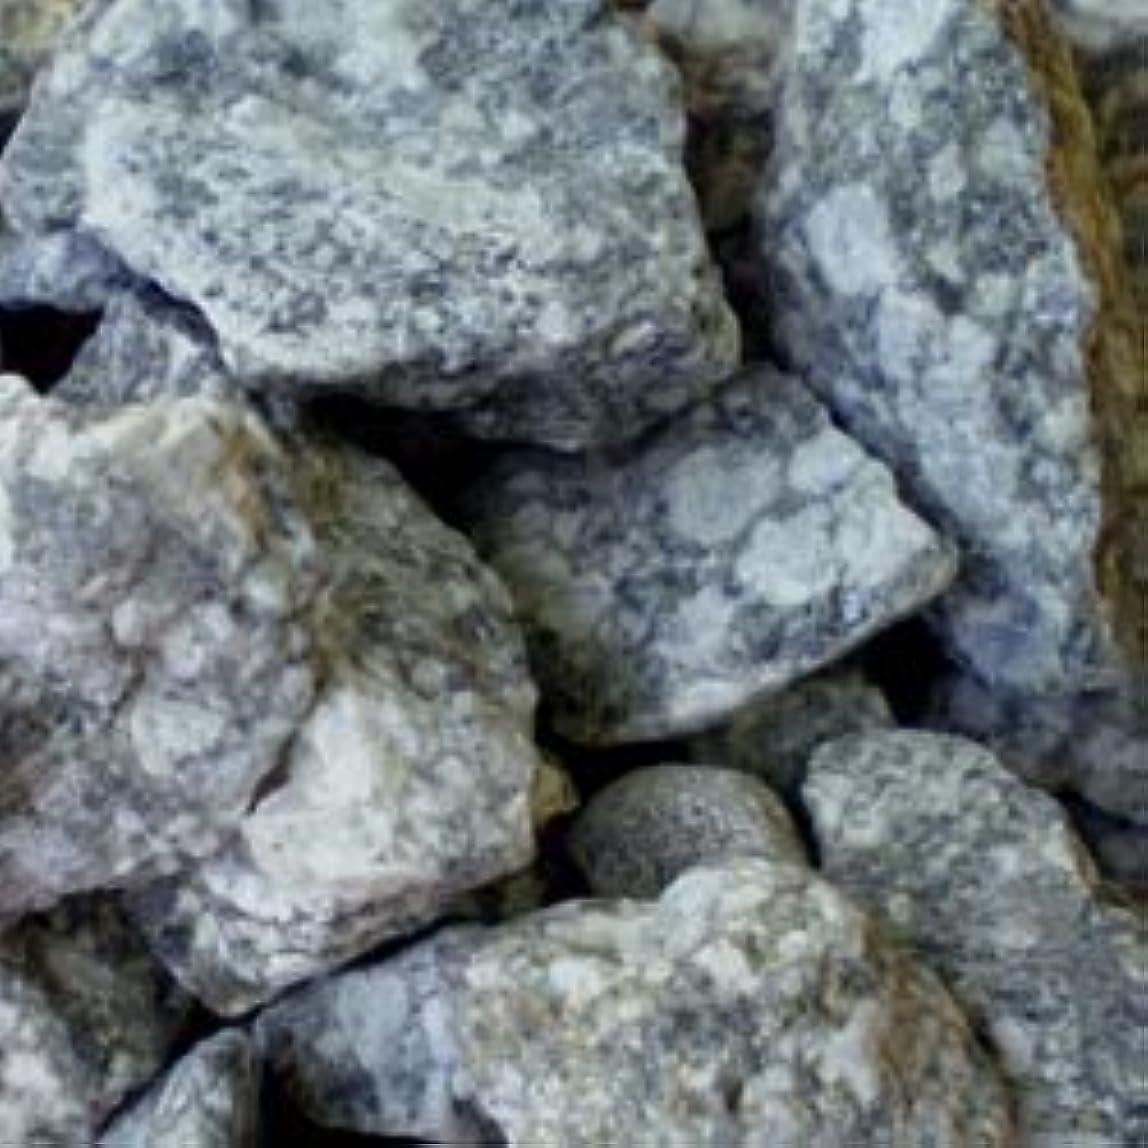 巻き戻す蒸発熱狂的な麦飯石 原石 5000g(サイズ10-30mm) (5袋セット) (5袋)